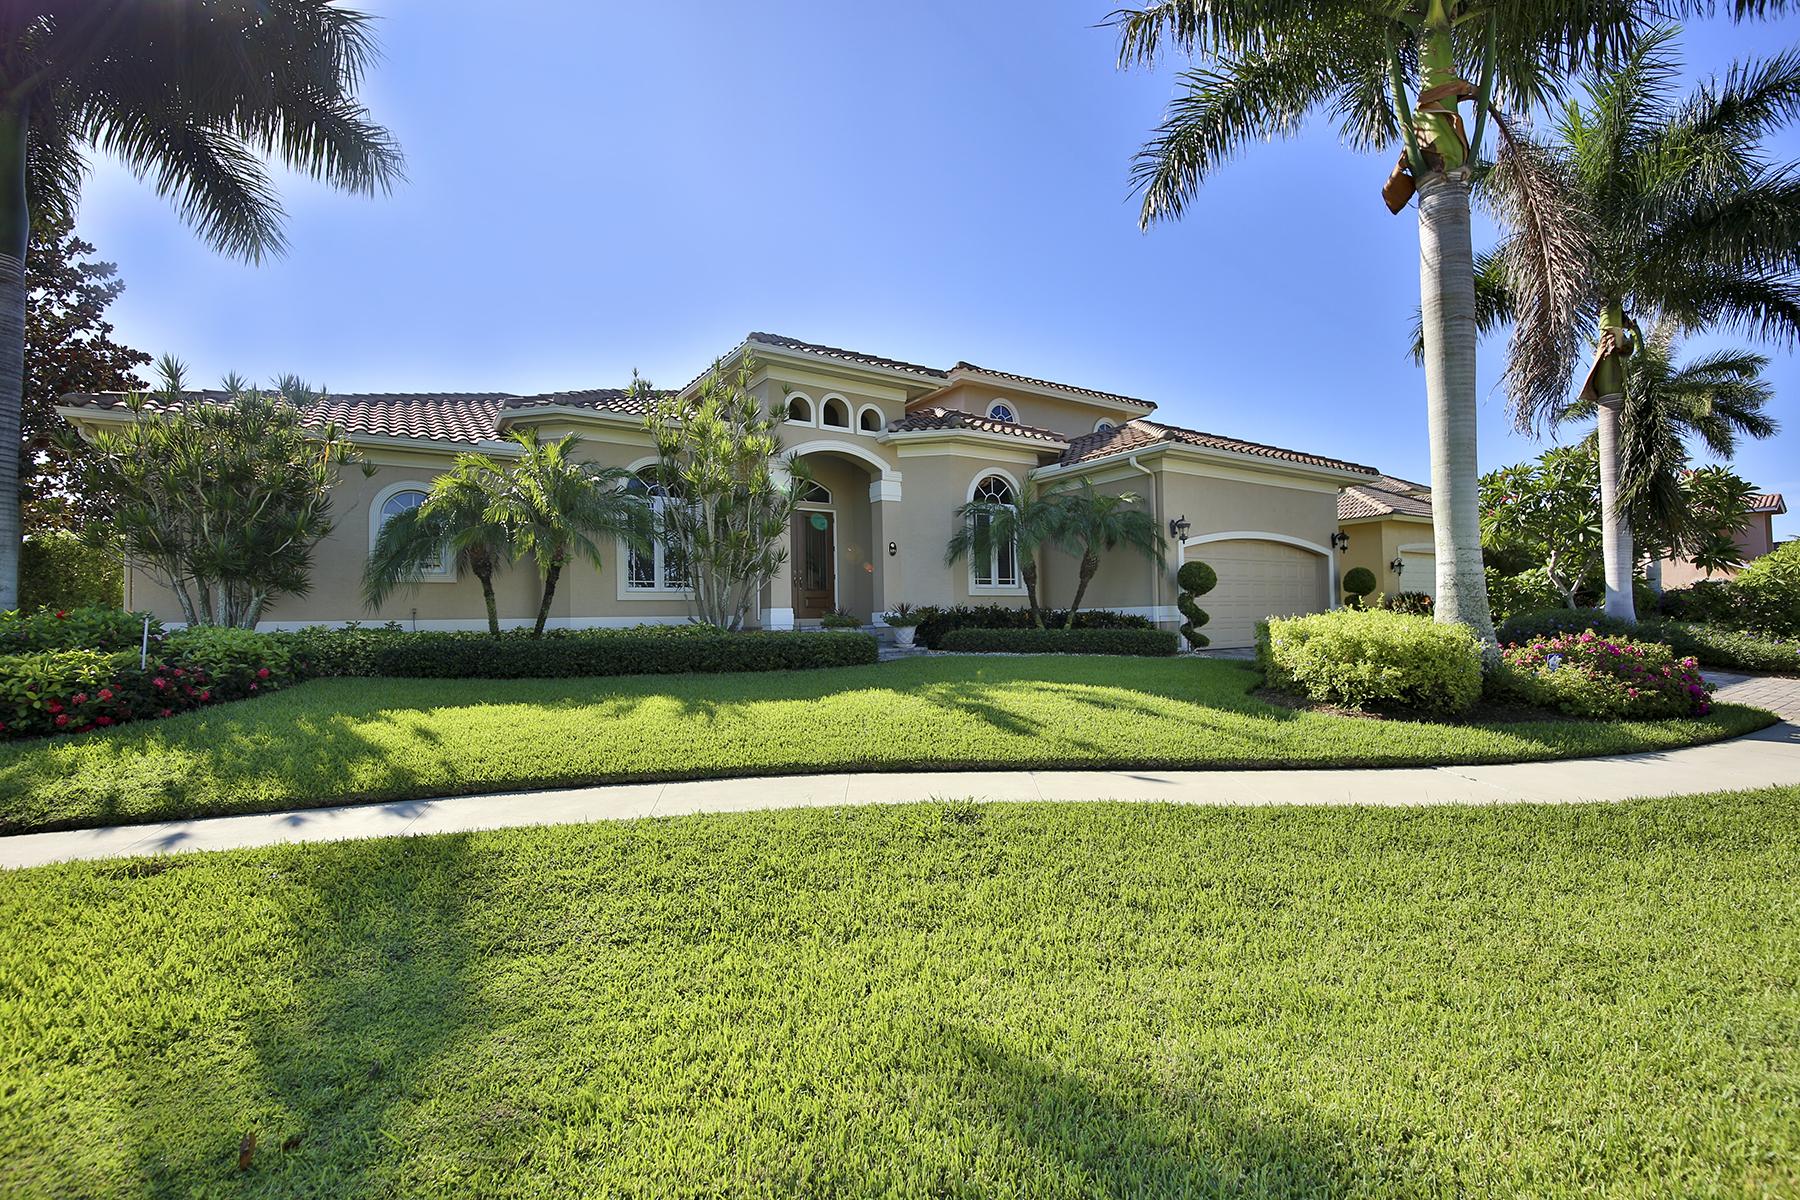 Villa per Vendita alle ore MARCO ISLAND - SOUTH SEAS COURT 149 S Seas Ct Marco Island, Florida 34145 Stati Uniti